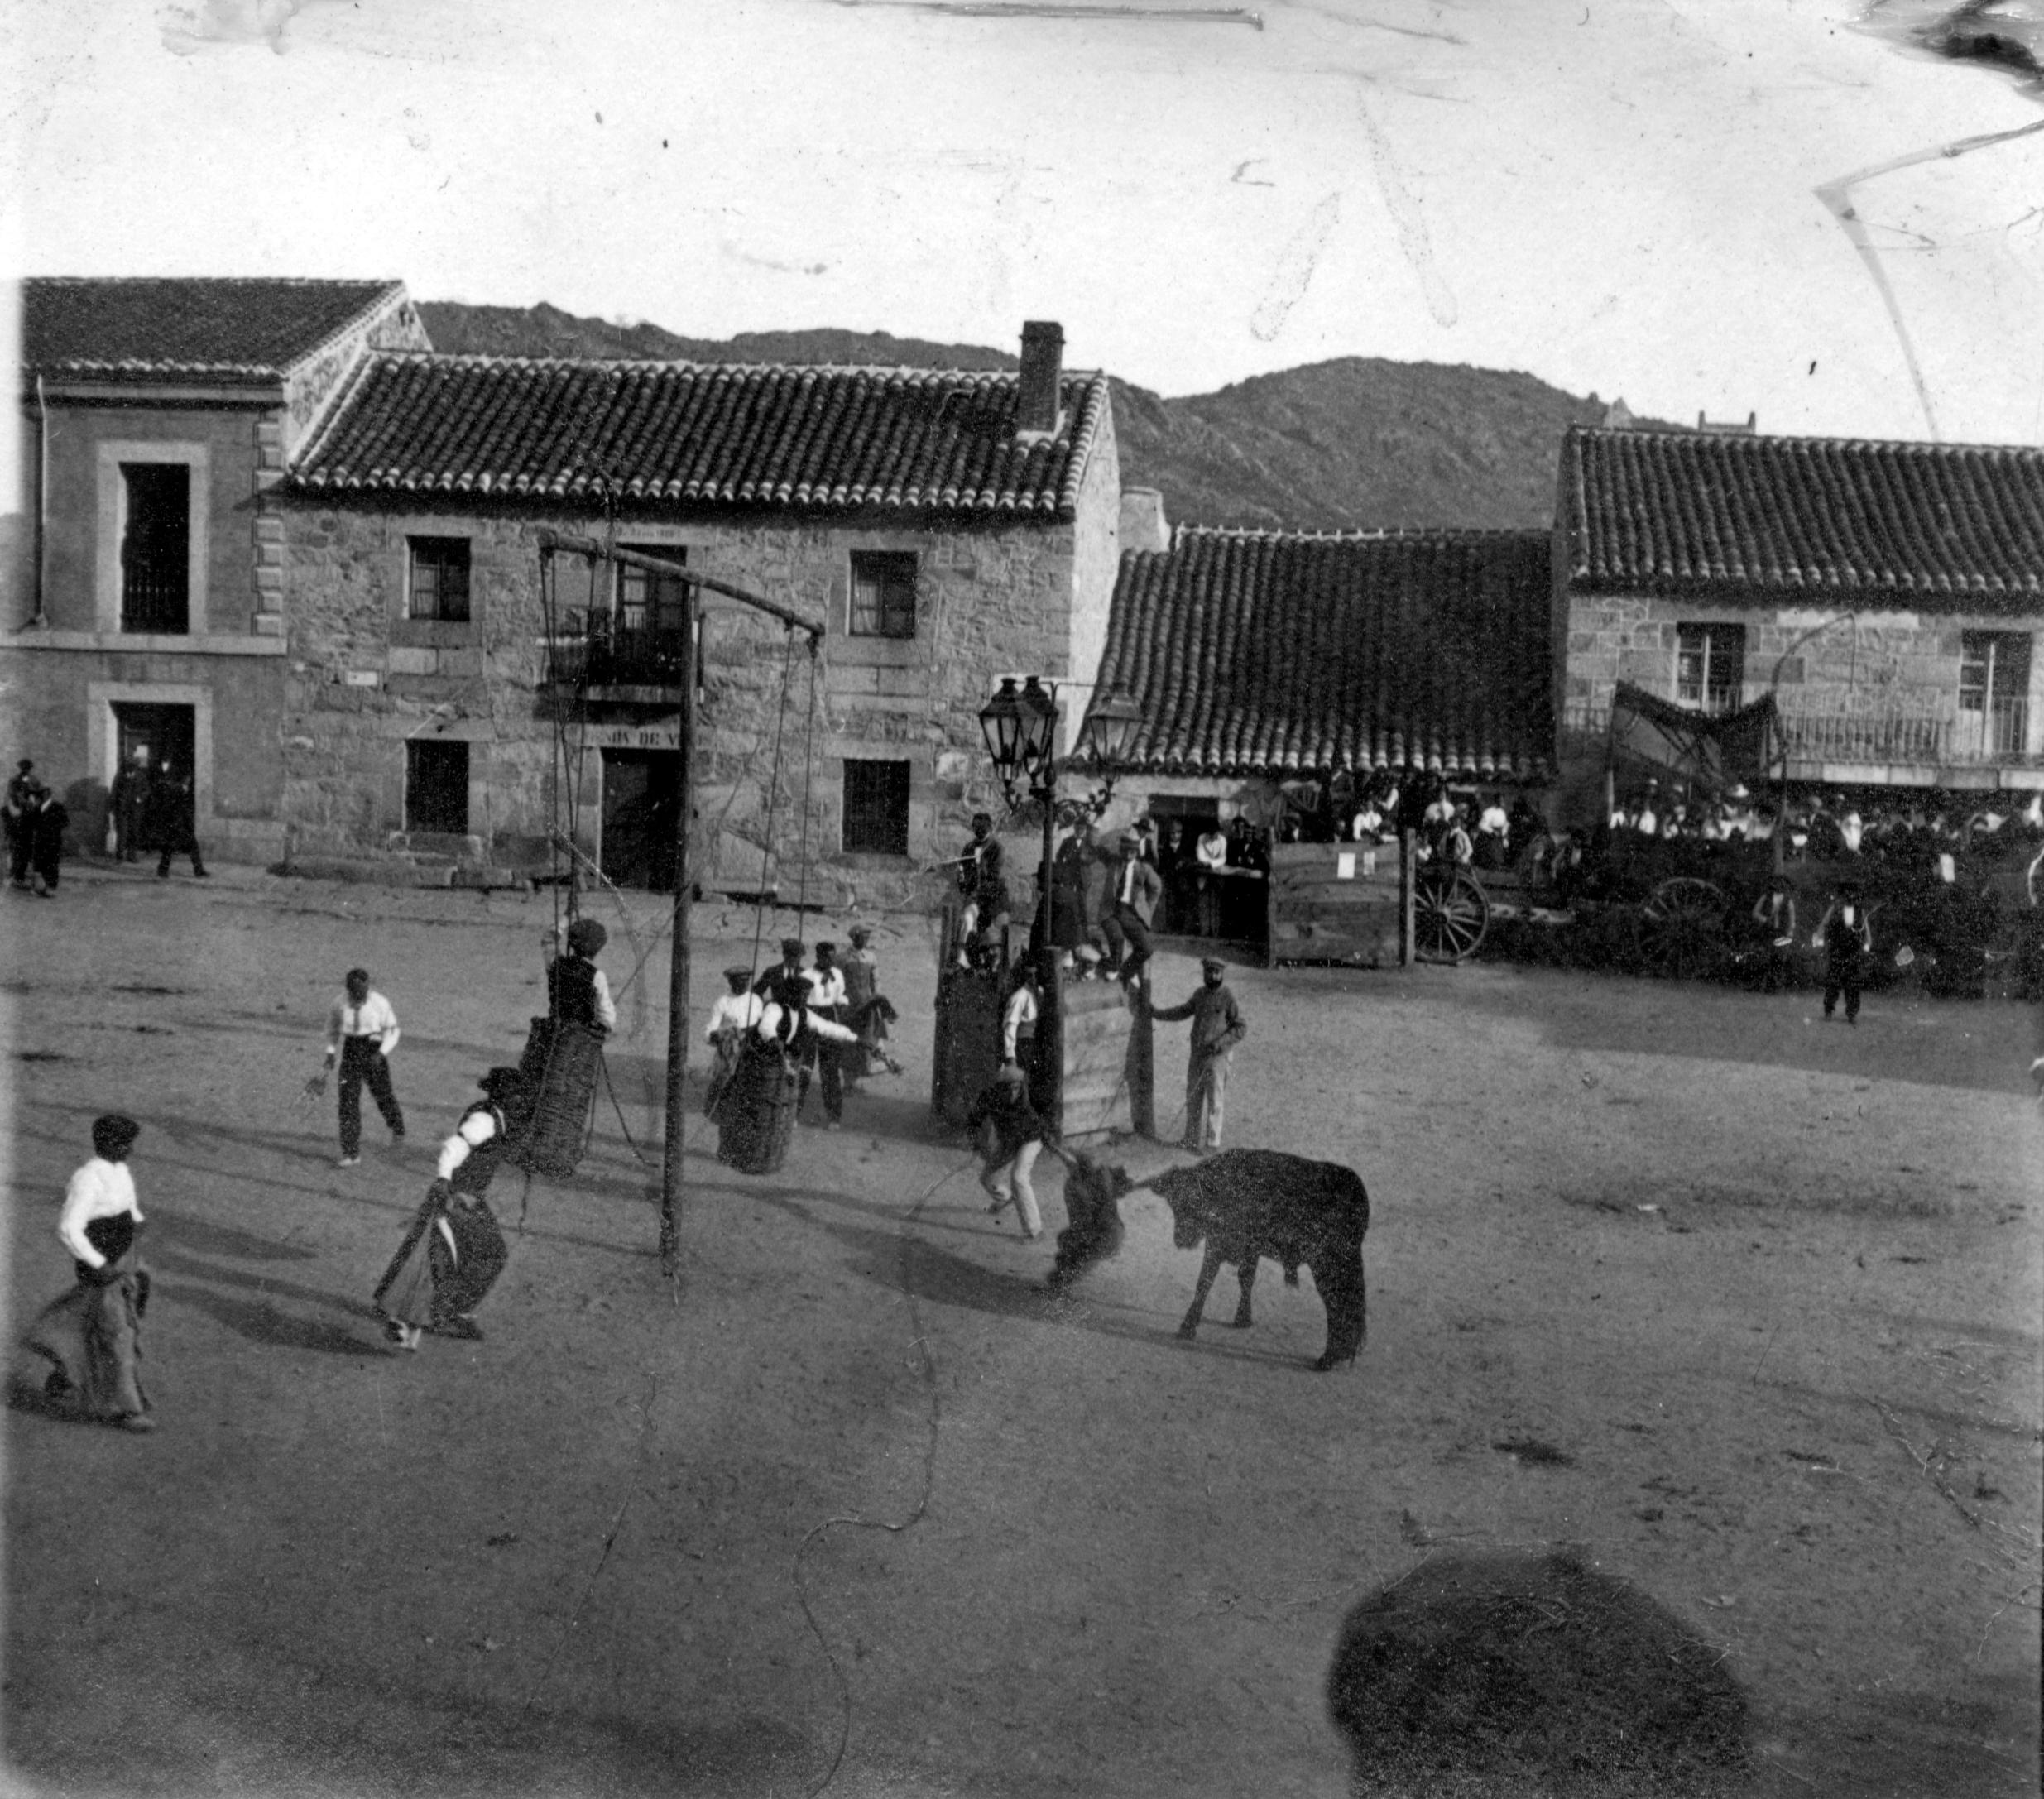 Becerrada plaza del pueblo